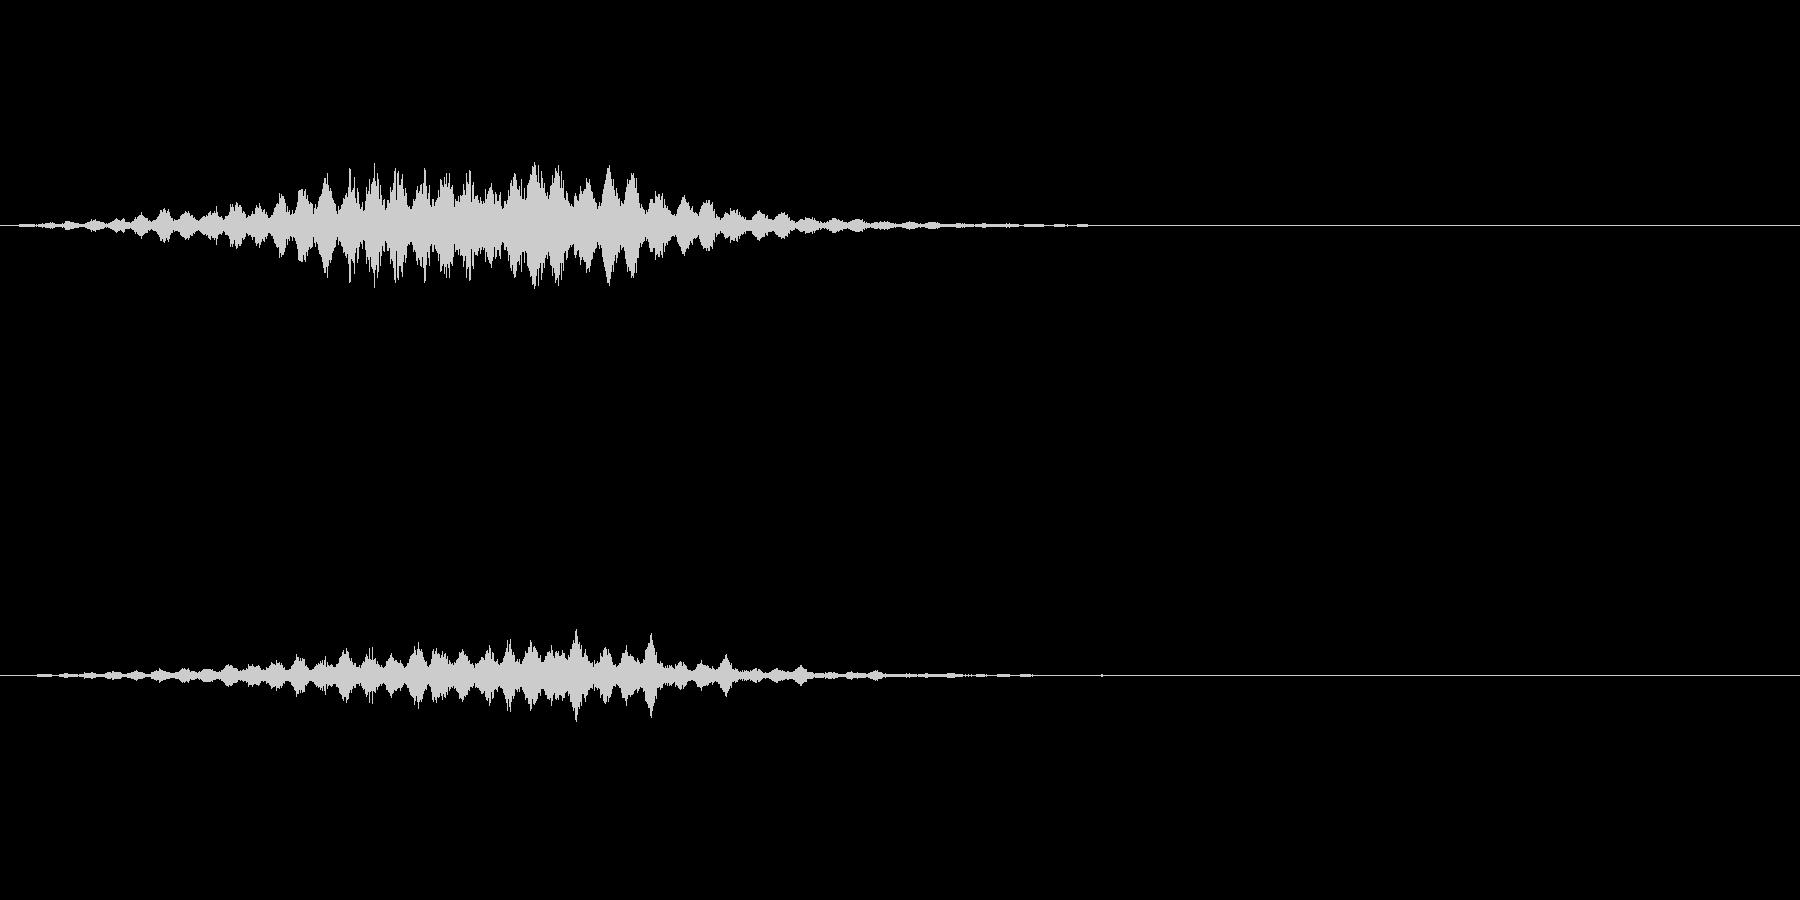 ダンスミュージックに使える上昇音の未再生の波形